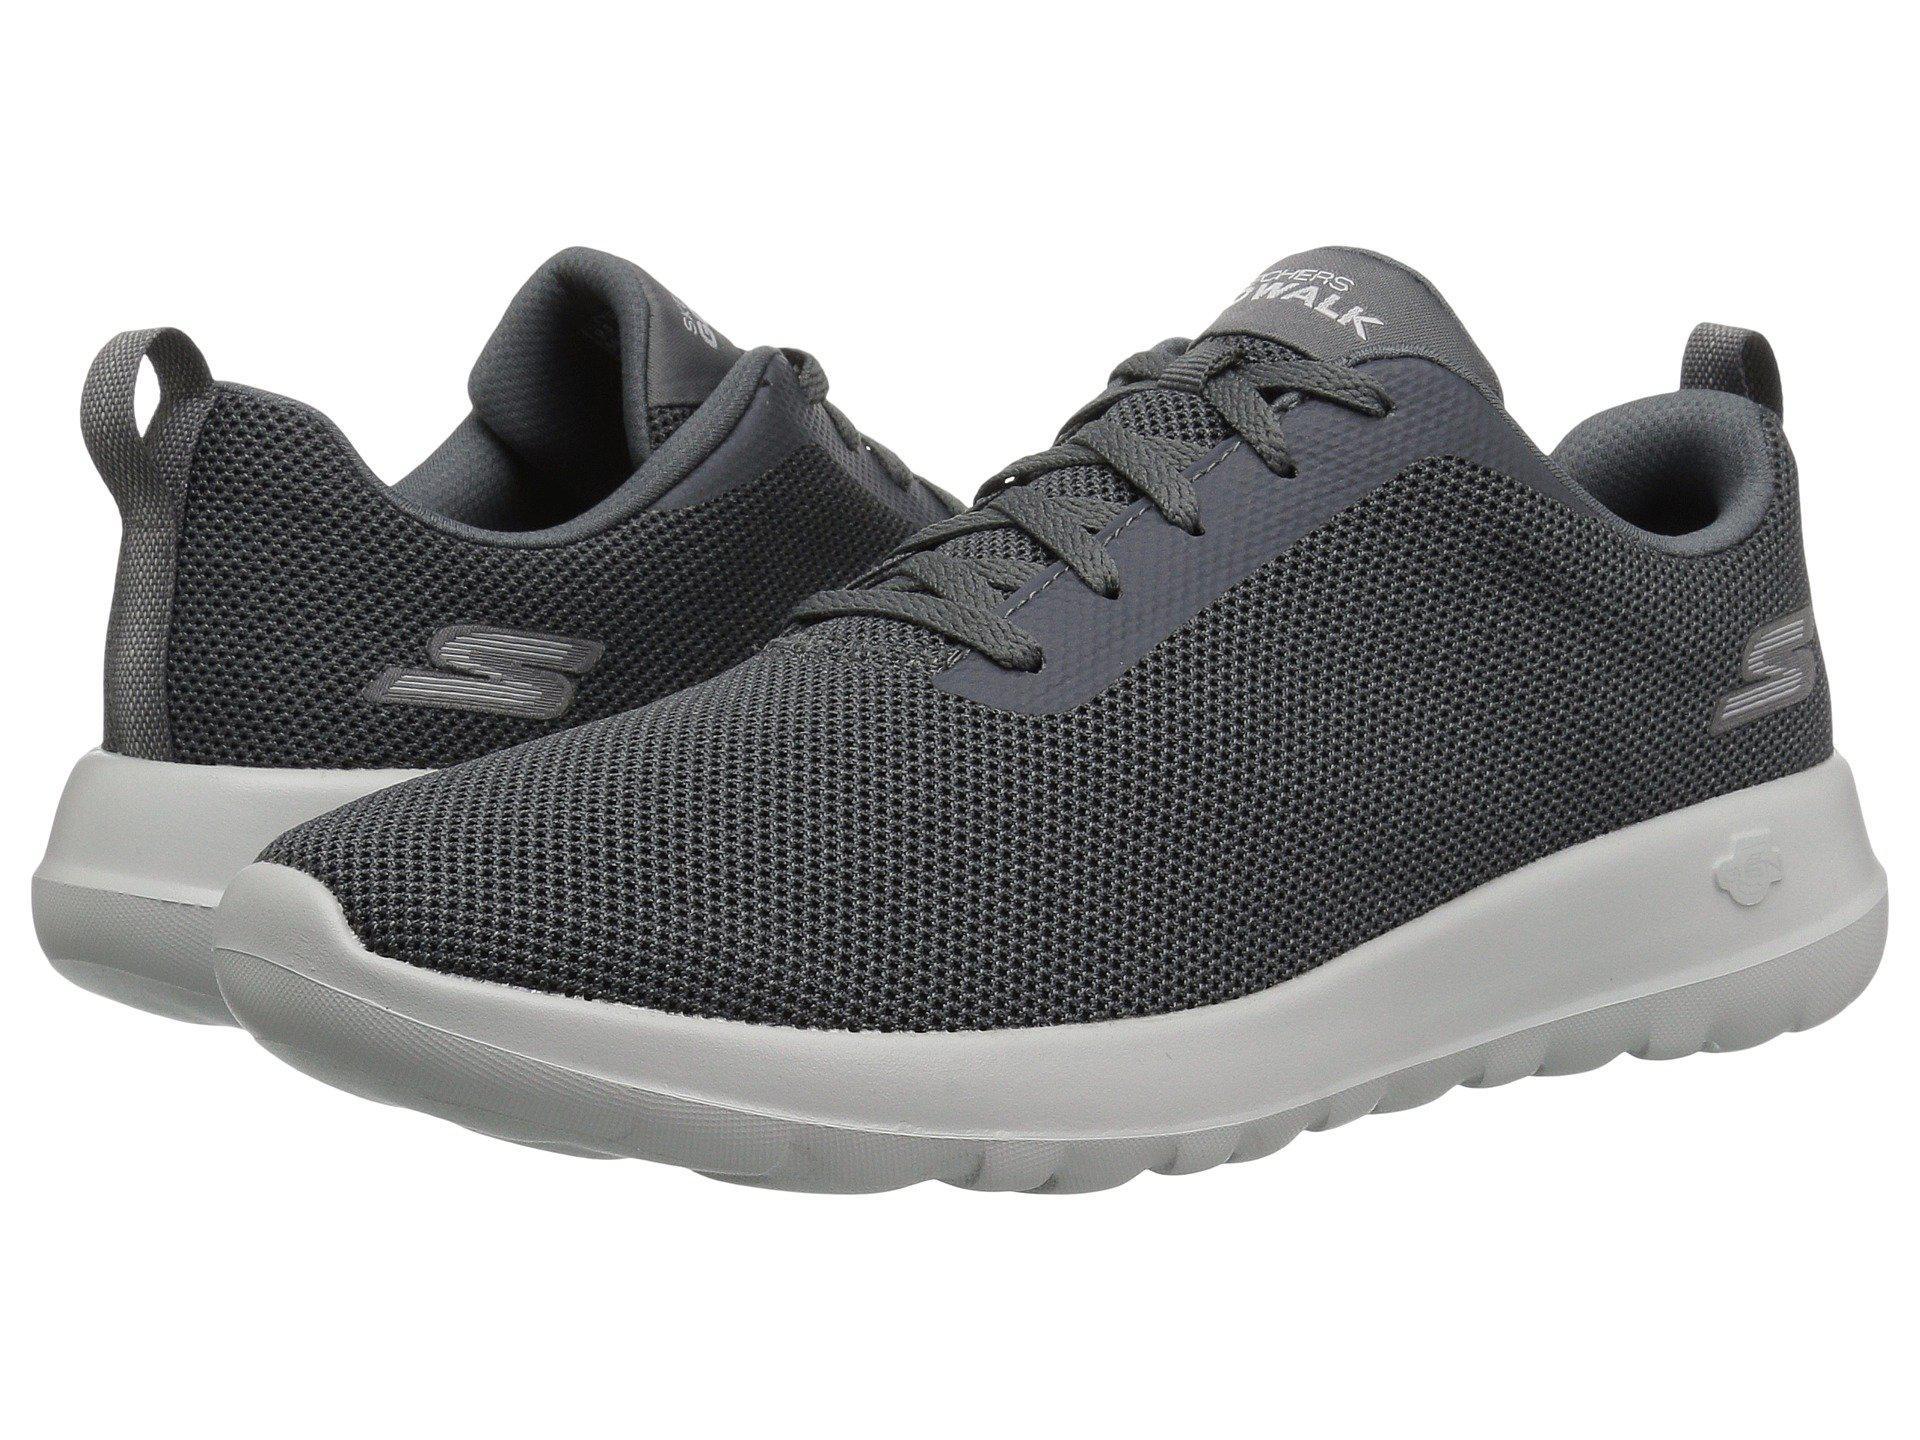 8fbf66773a8 Lyst - Skechers Go Walk Max - Precision in Gray for Men